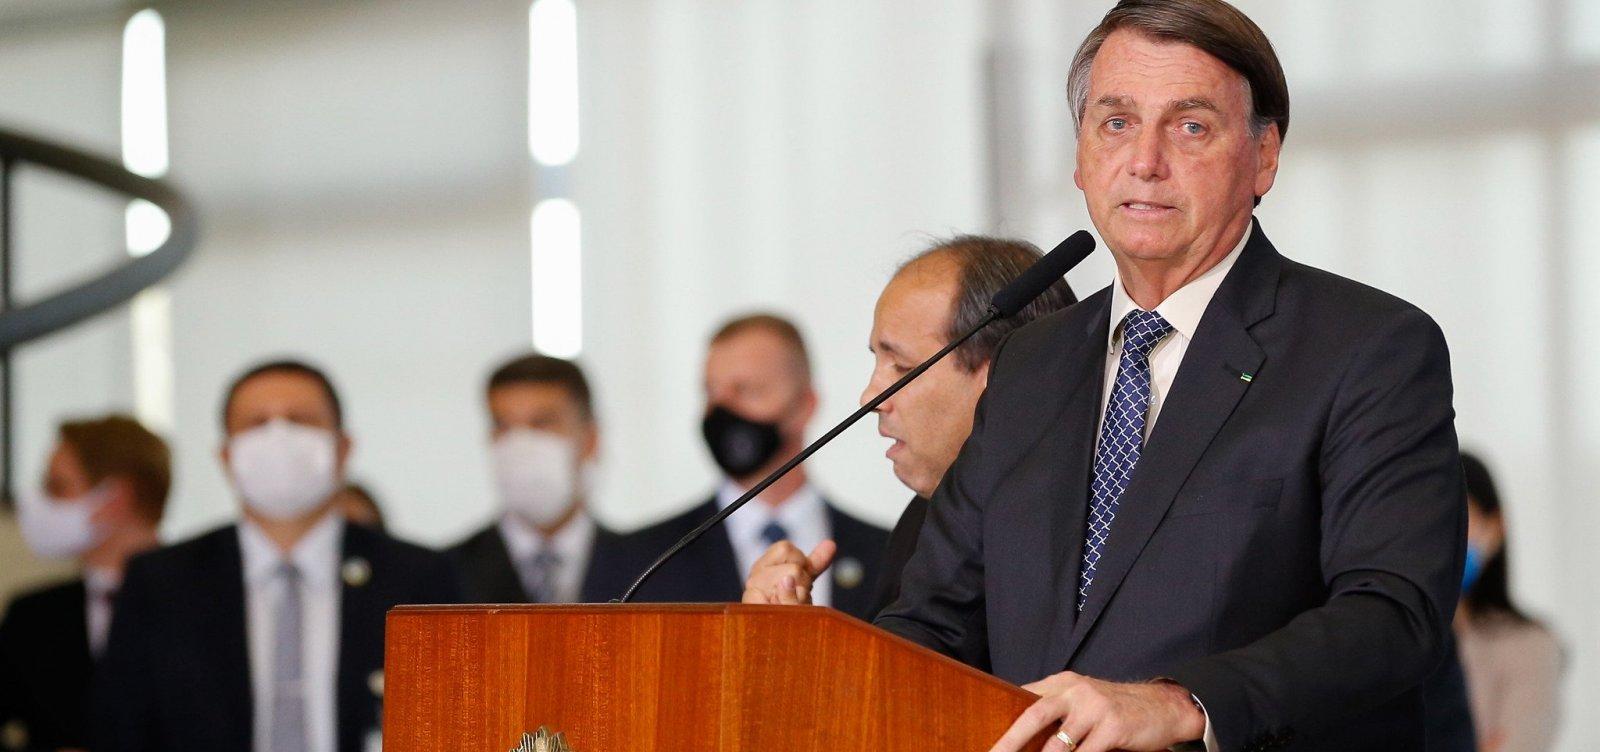 ['Não vi no mundo quem enfrentou a pandemia melhor do que nosso governo', diz Bolsonaro]